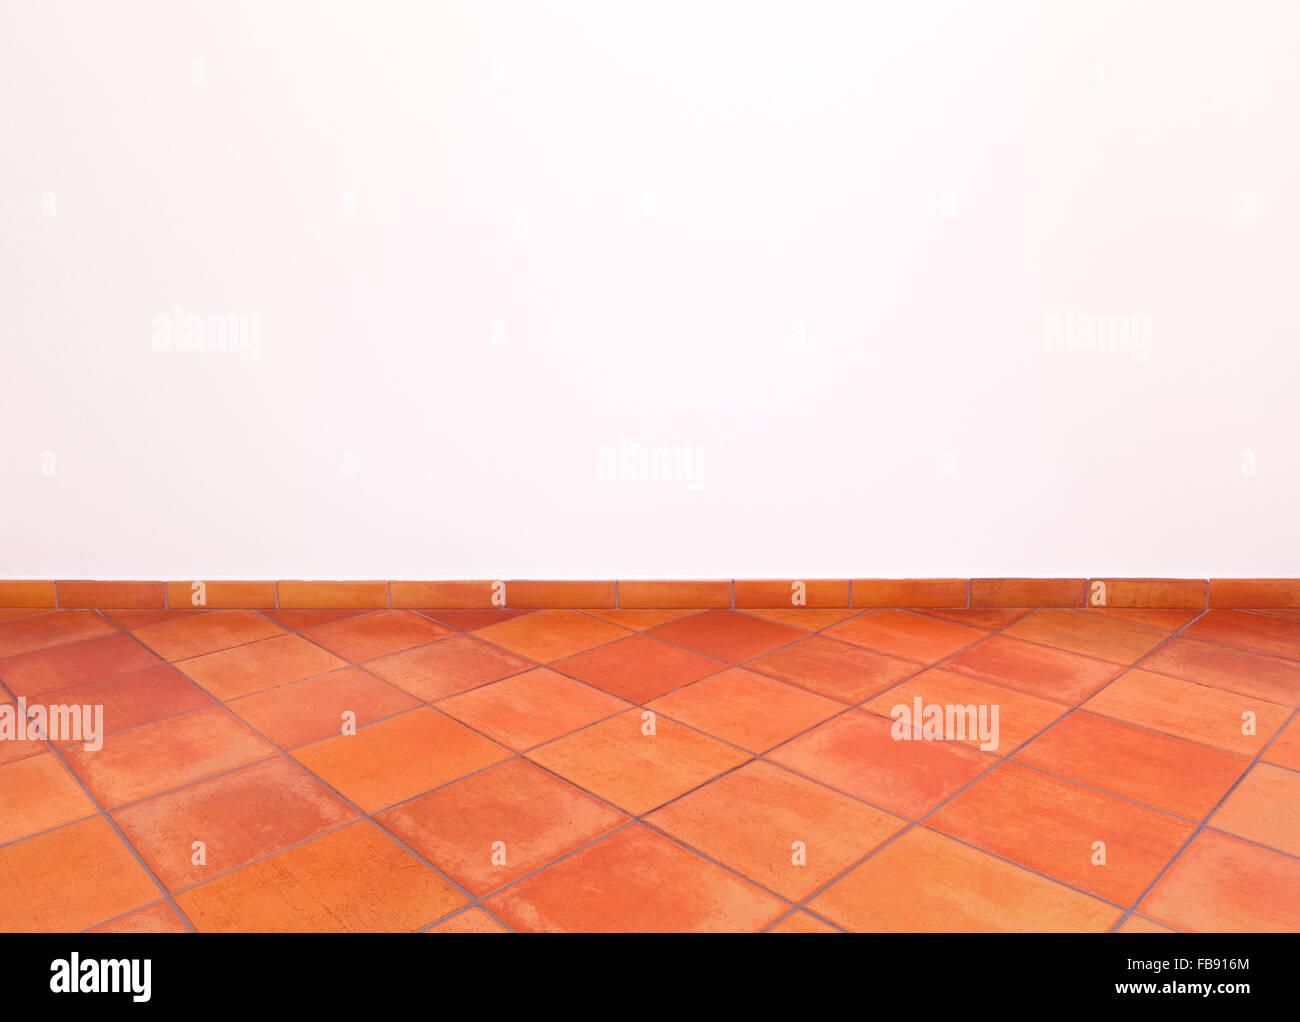 Top Rote Fliesen Stockfotos & Rote Fliesen Bilder - Alamy CZ93